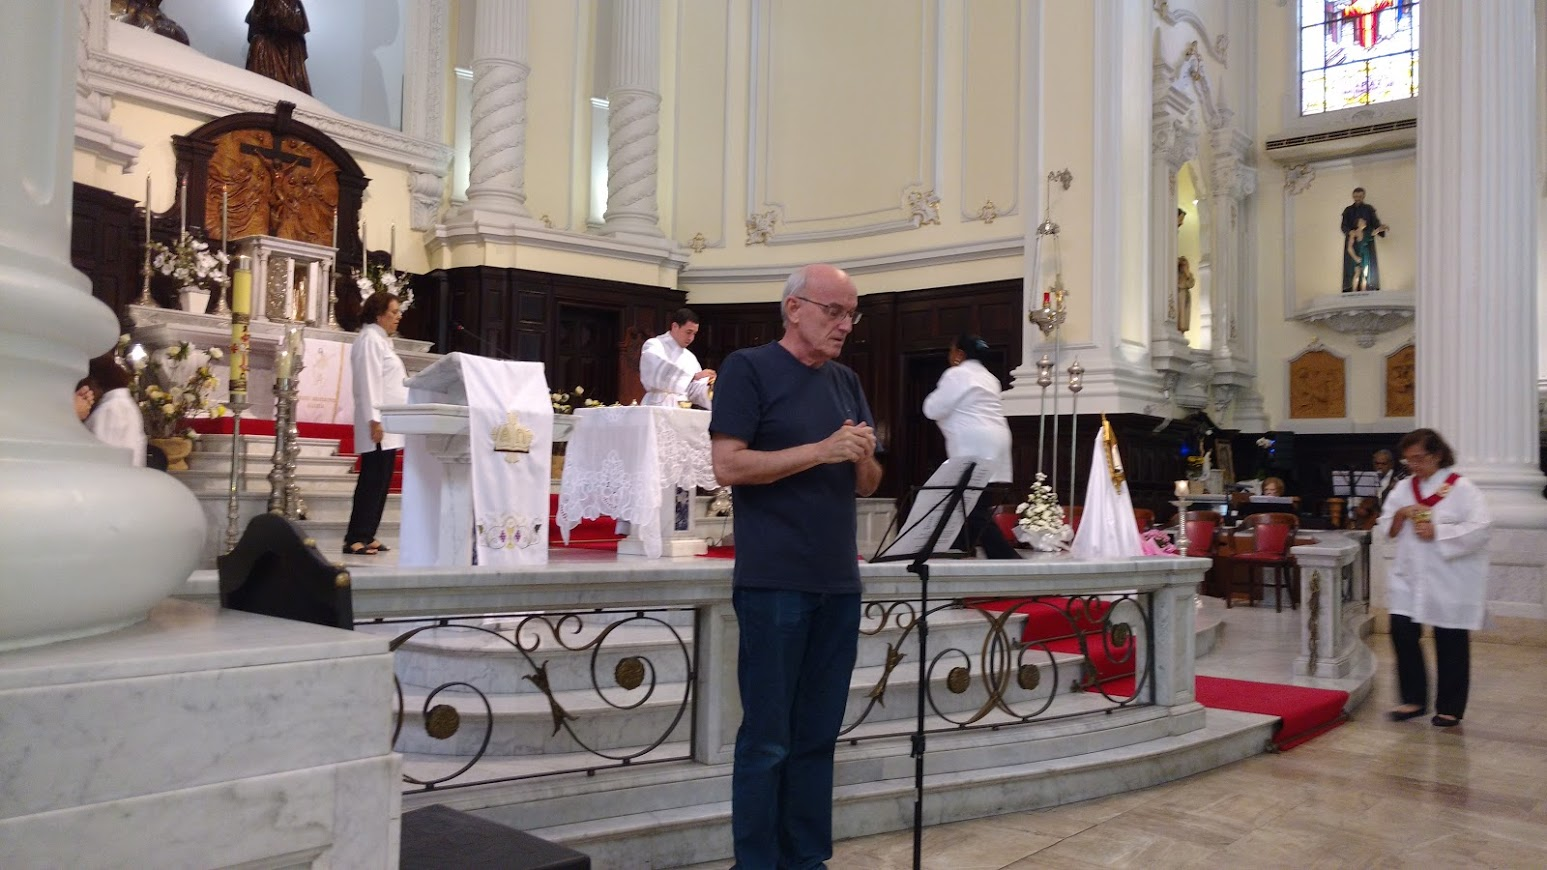 O professor José Maria, intérprete da Comunidade de Copacabana atuando na Igreja da Lagoa.